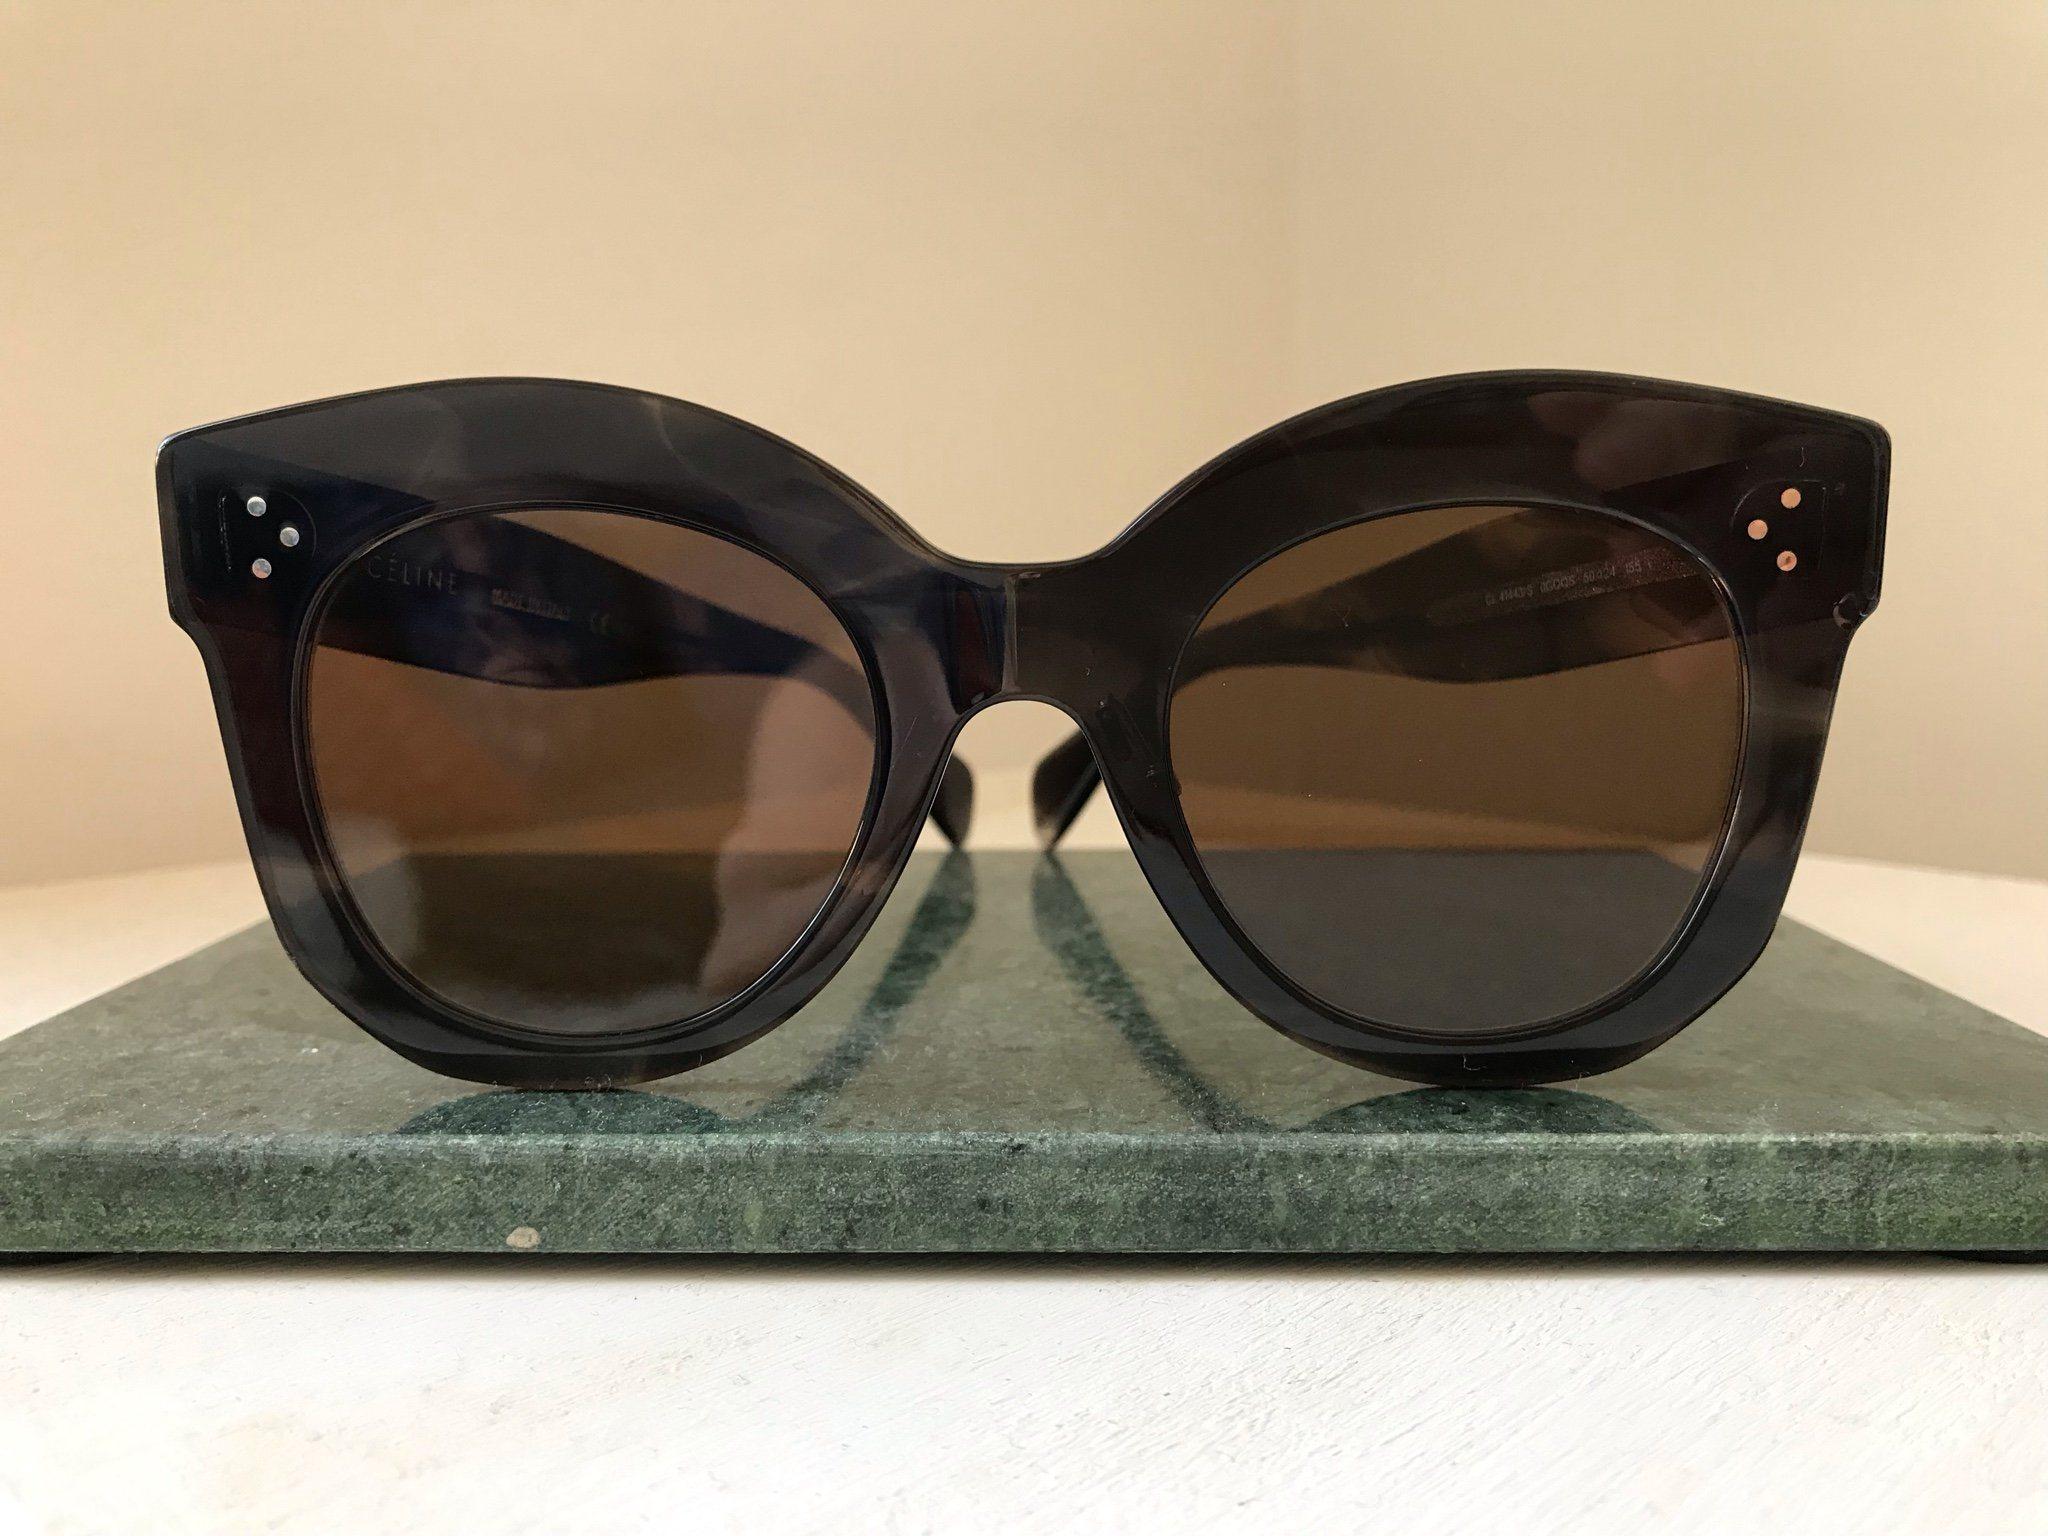 4df769c9703 Celine solglasögon modell cl 41443 Céline (341165311) ᐈ Köp på Tradera